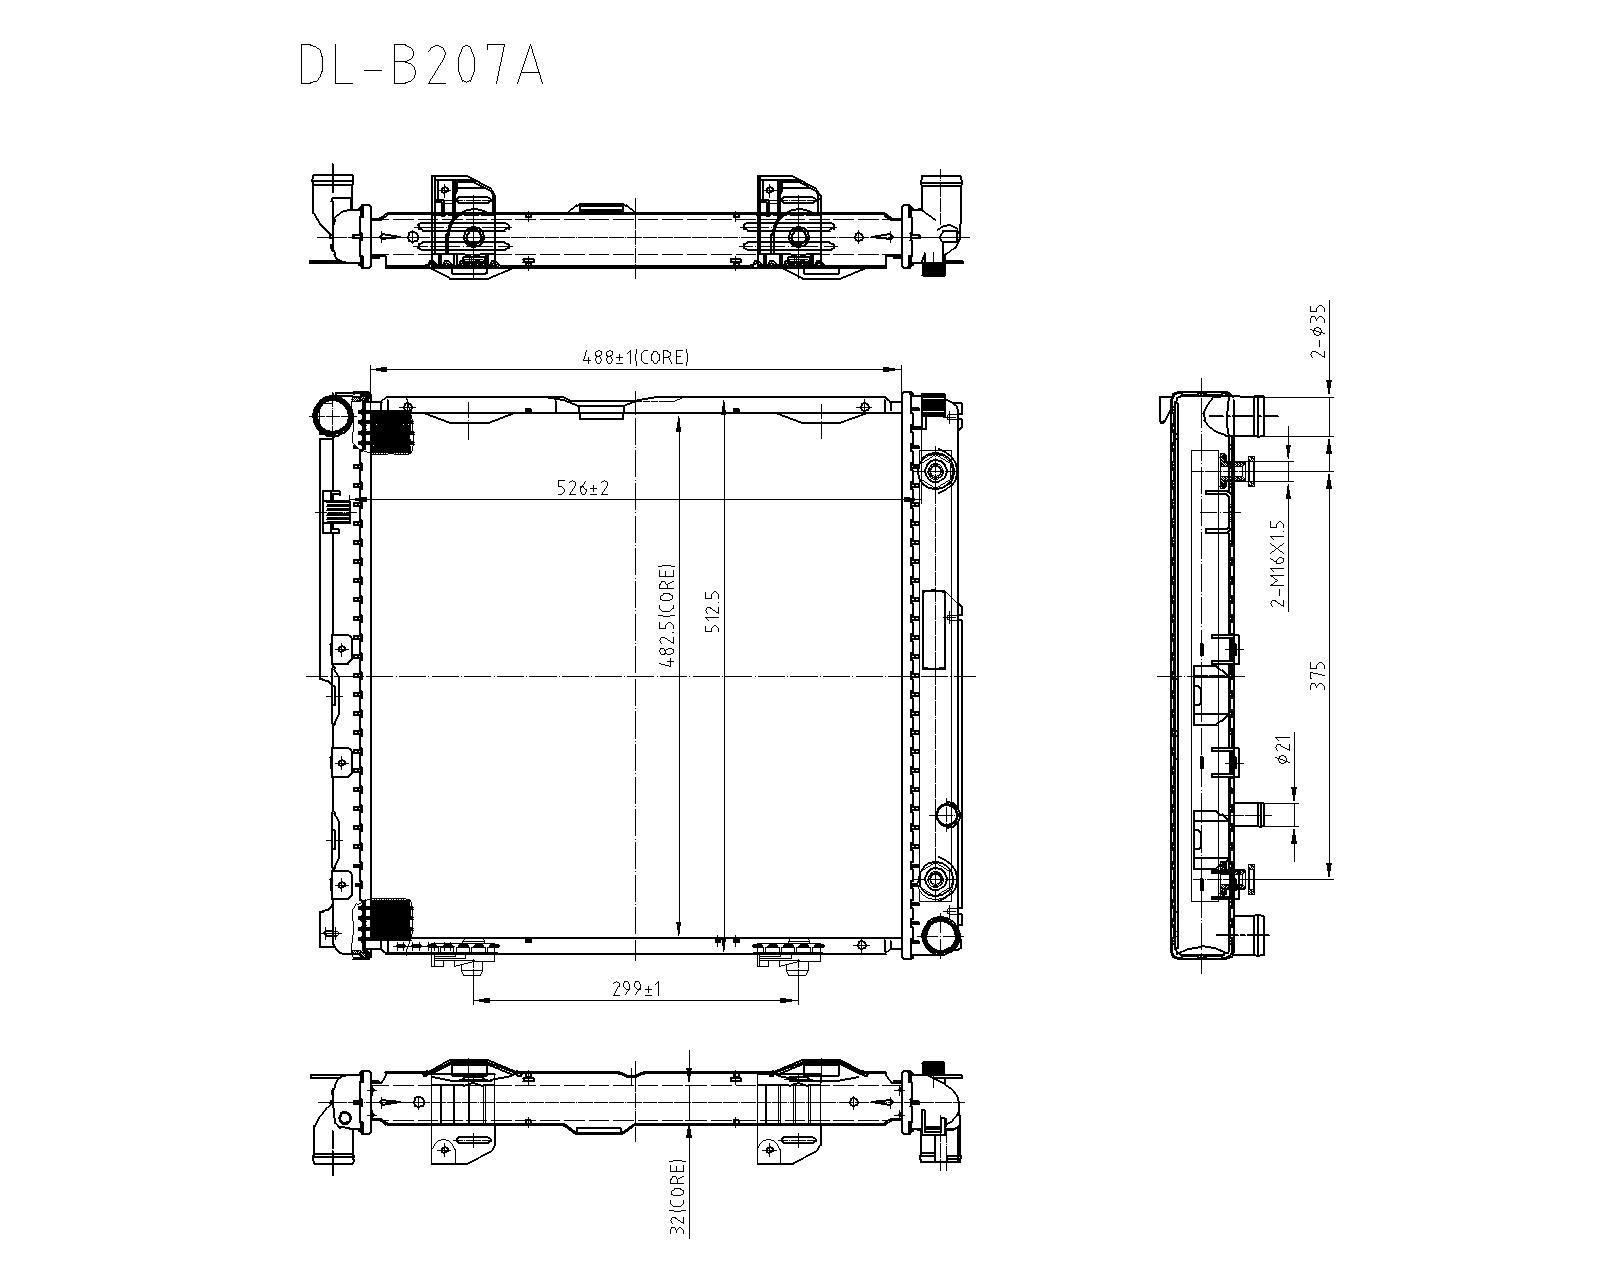 mercedes benz w124 e500/500e